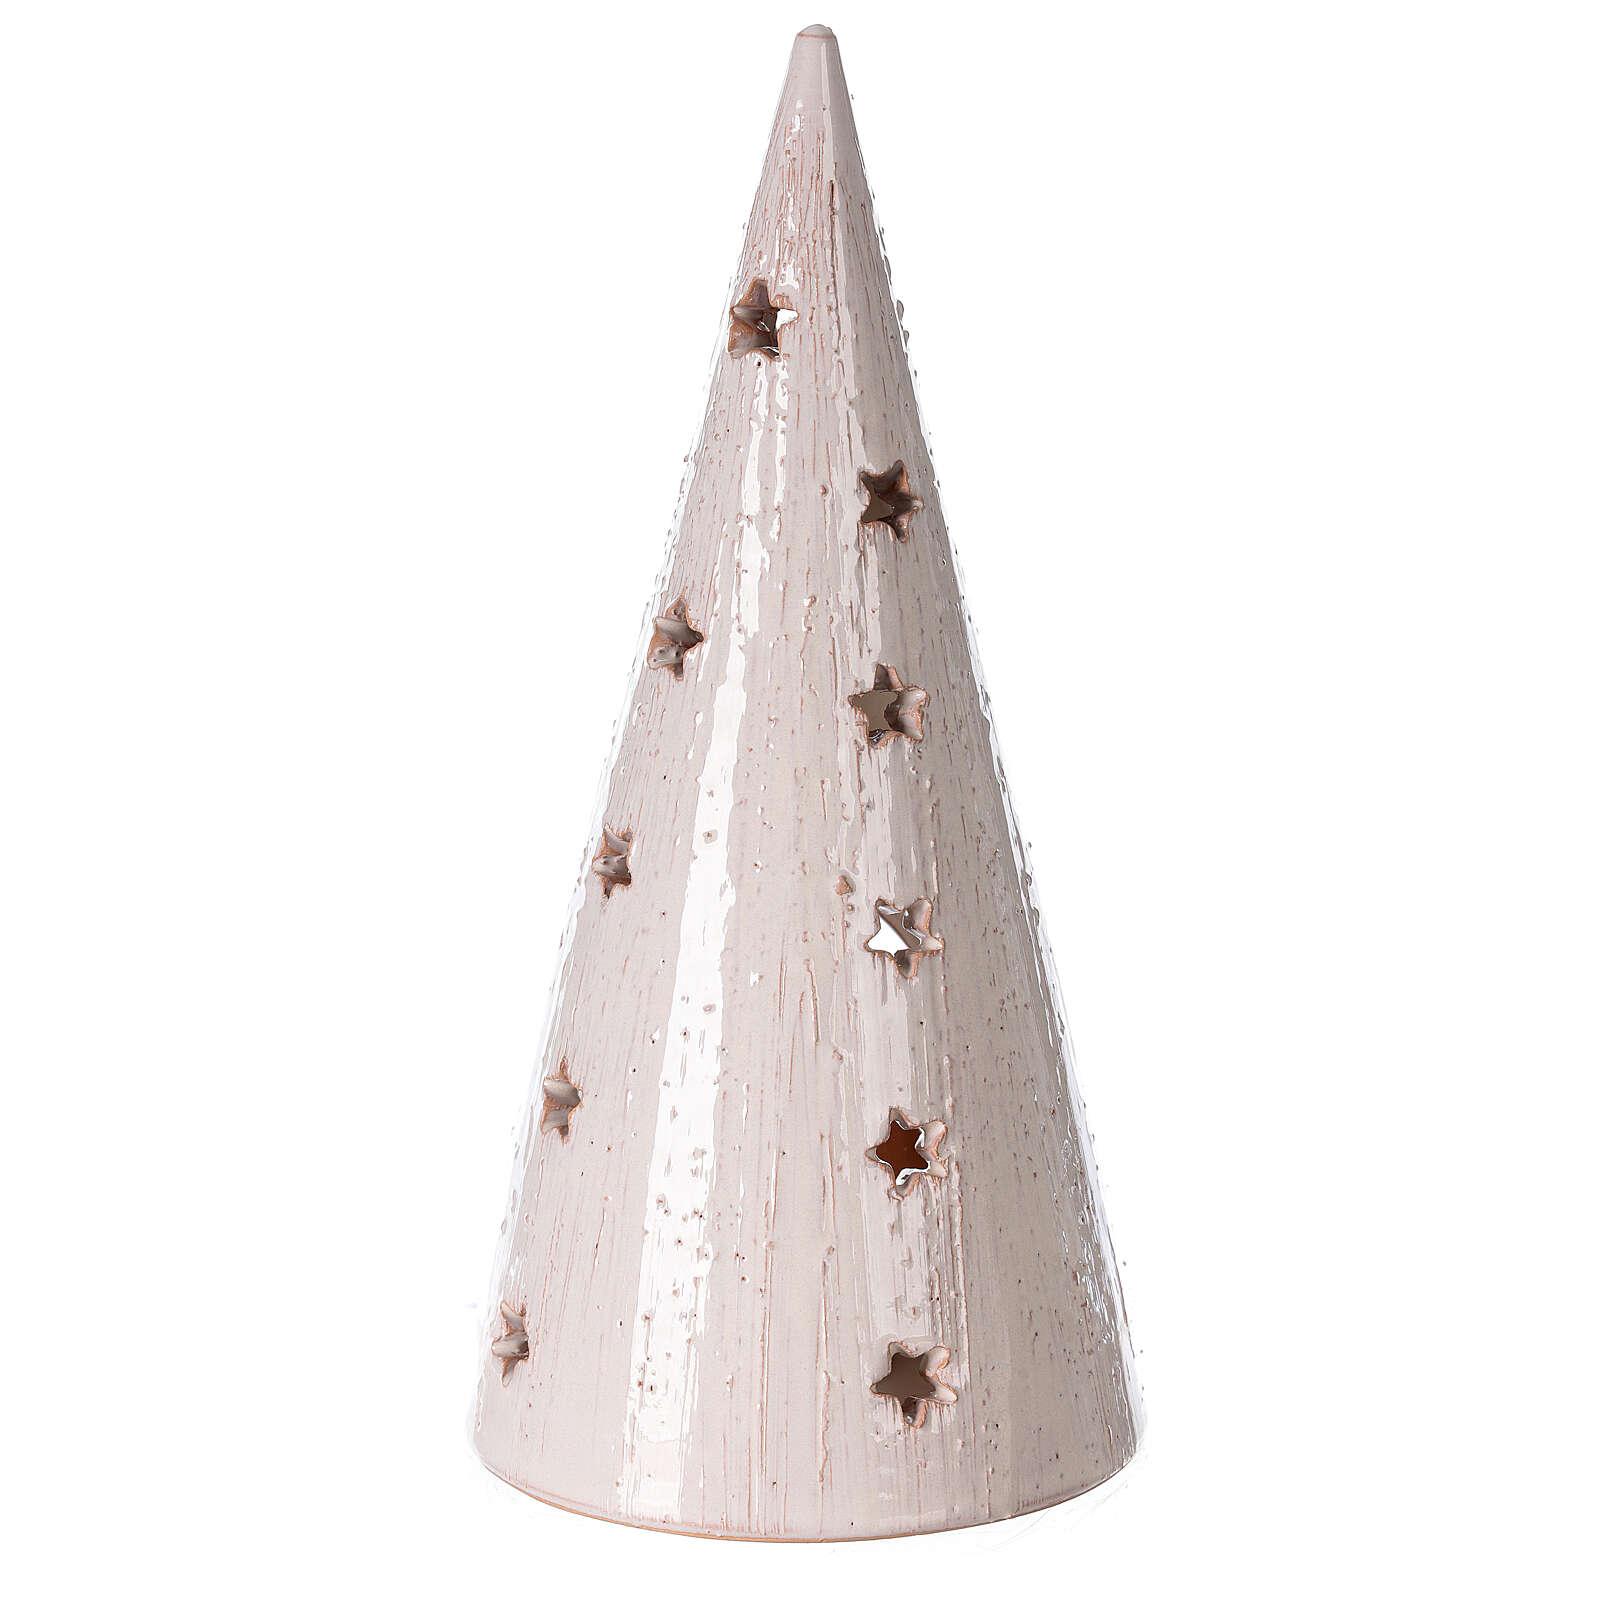 Décoration Noël crèche photophore terre cuite Deruta 25 cm bicolore 4